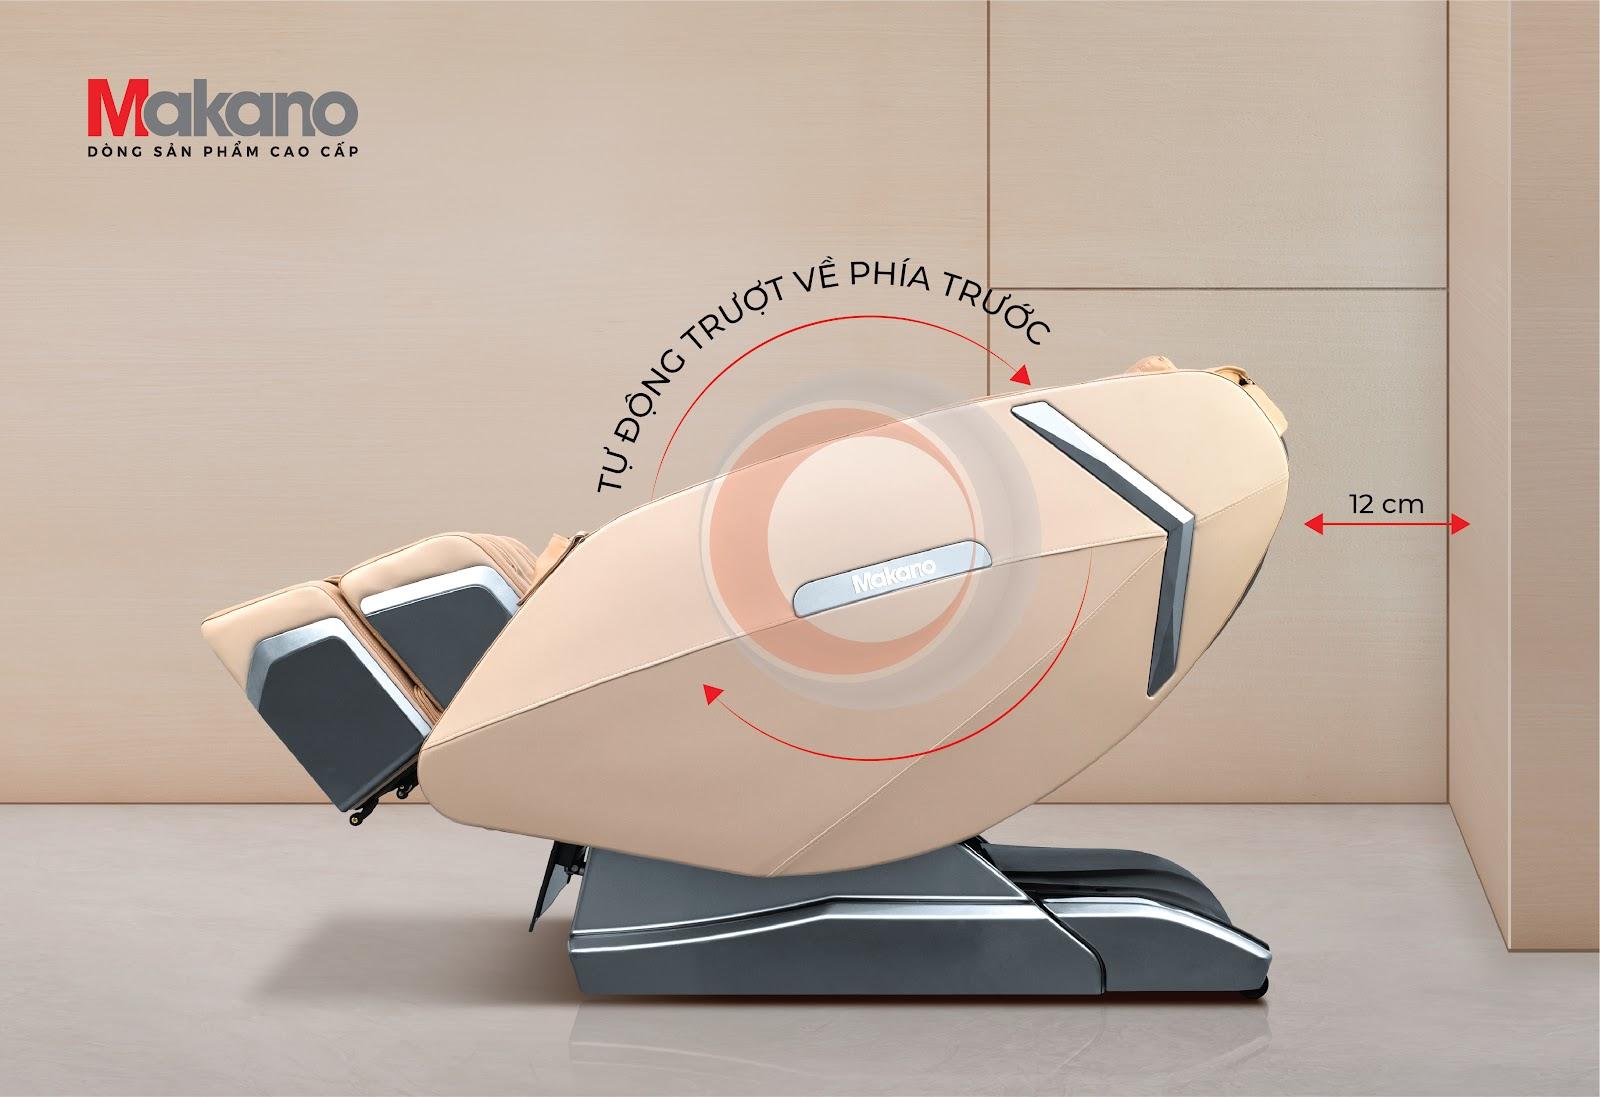 Thiết kế ghế massage toàn thân tiết kiệm không gian